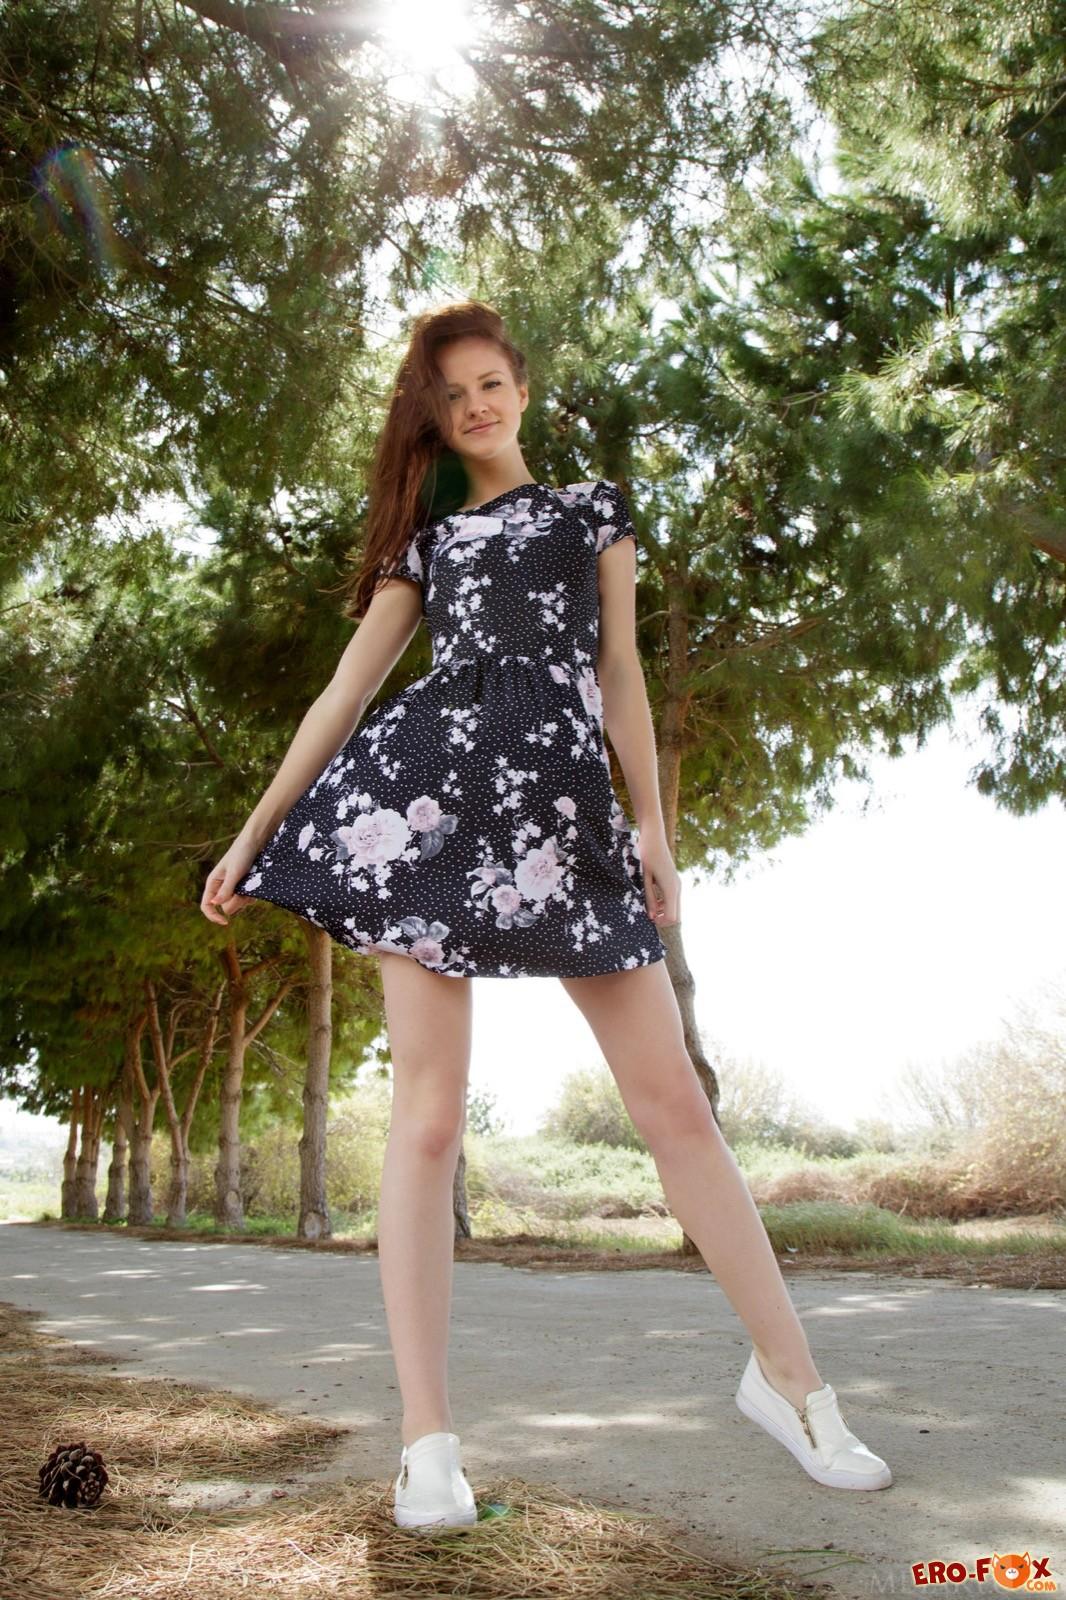 Молодая шатенка снимает платье гуляя по дороге - фото